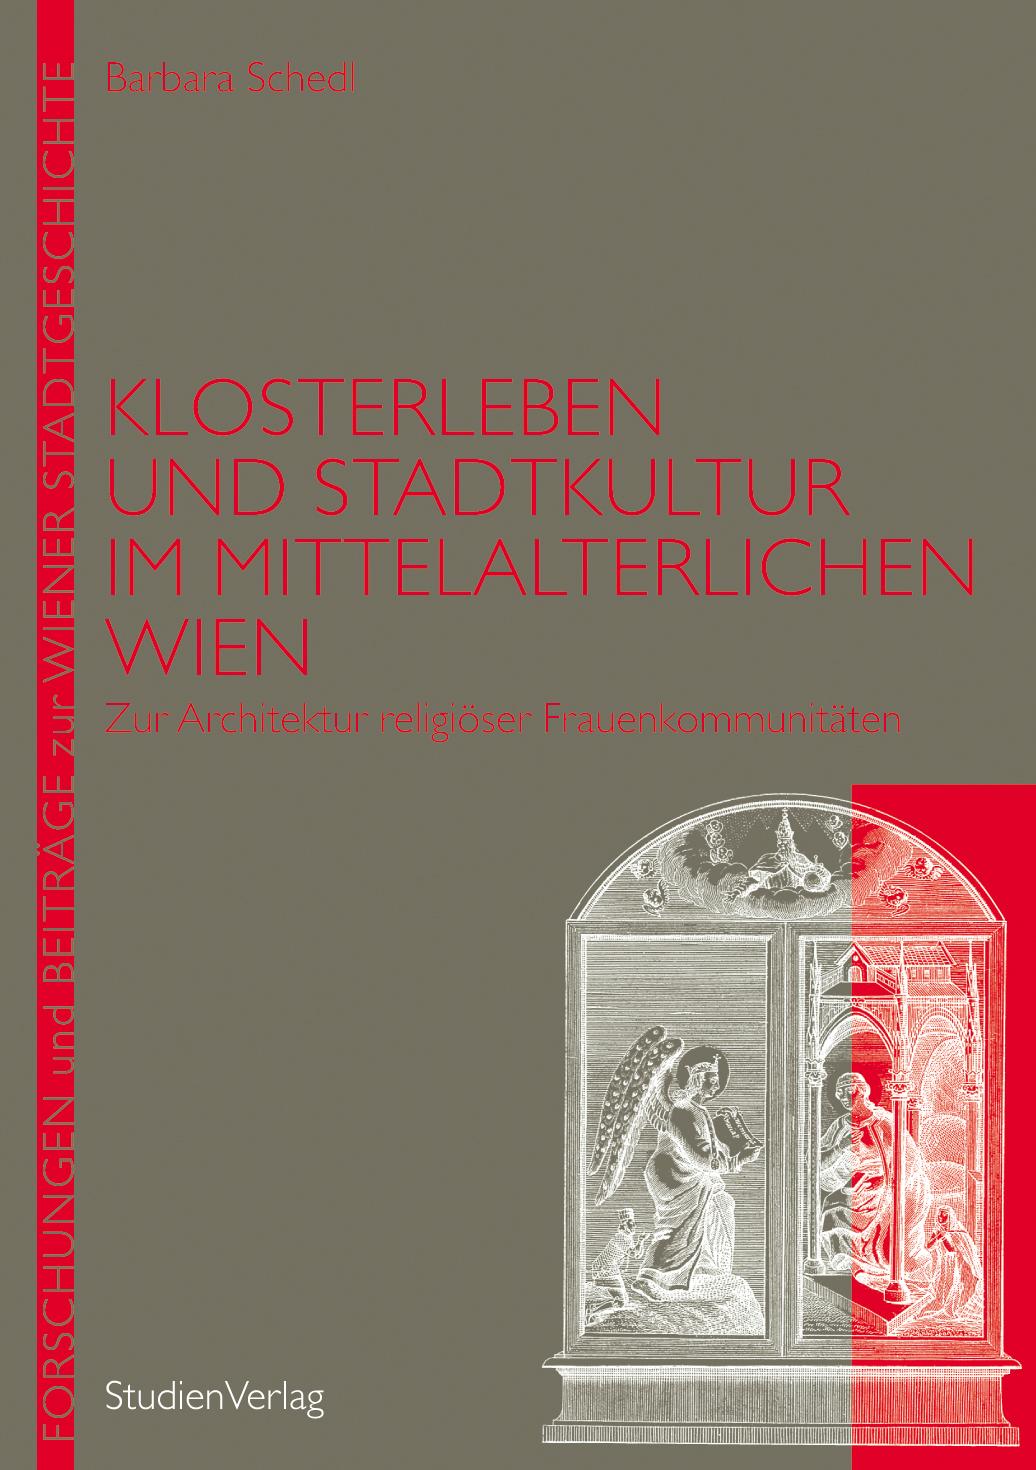 Klosterleben und Stadtkultur im mittelalterlichen Wien